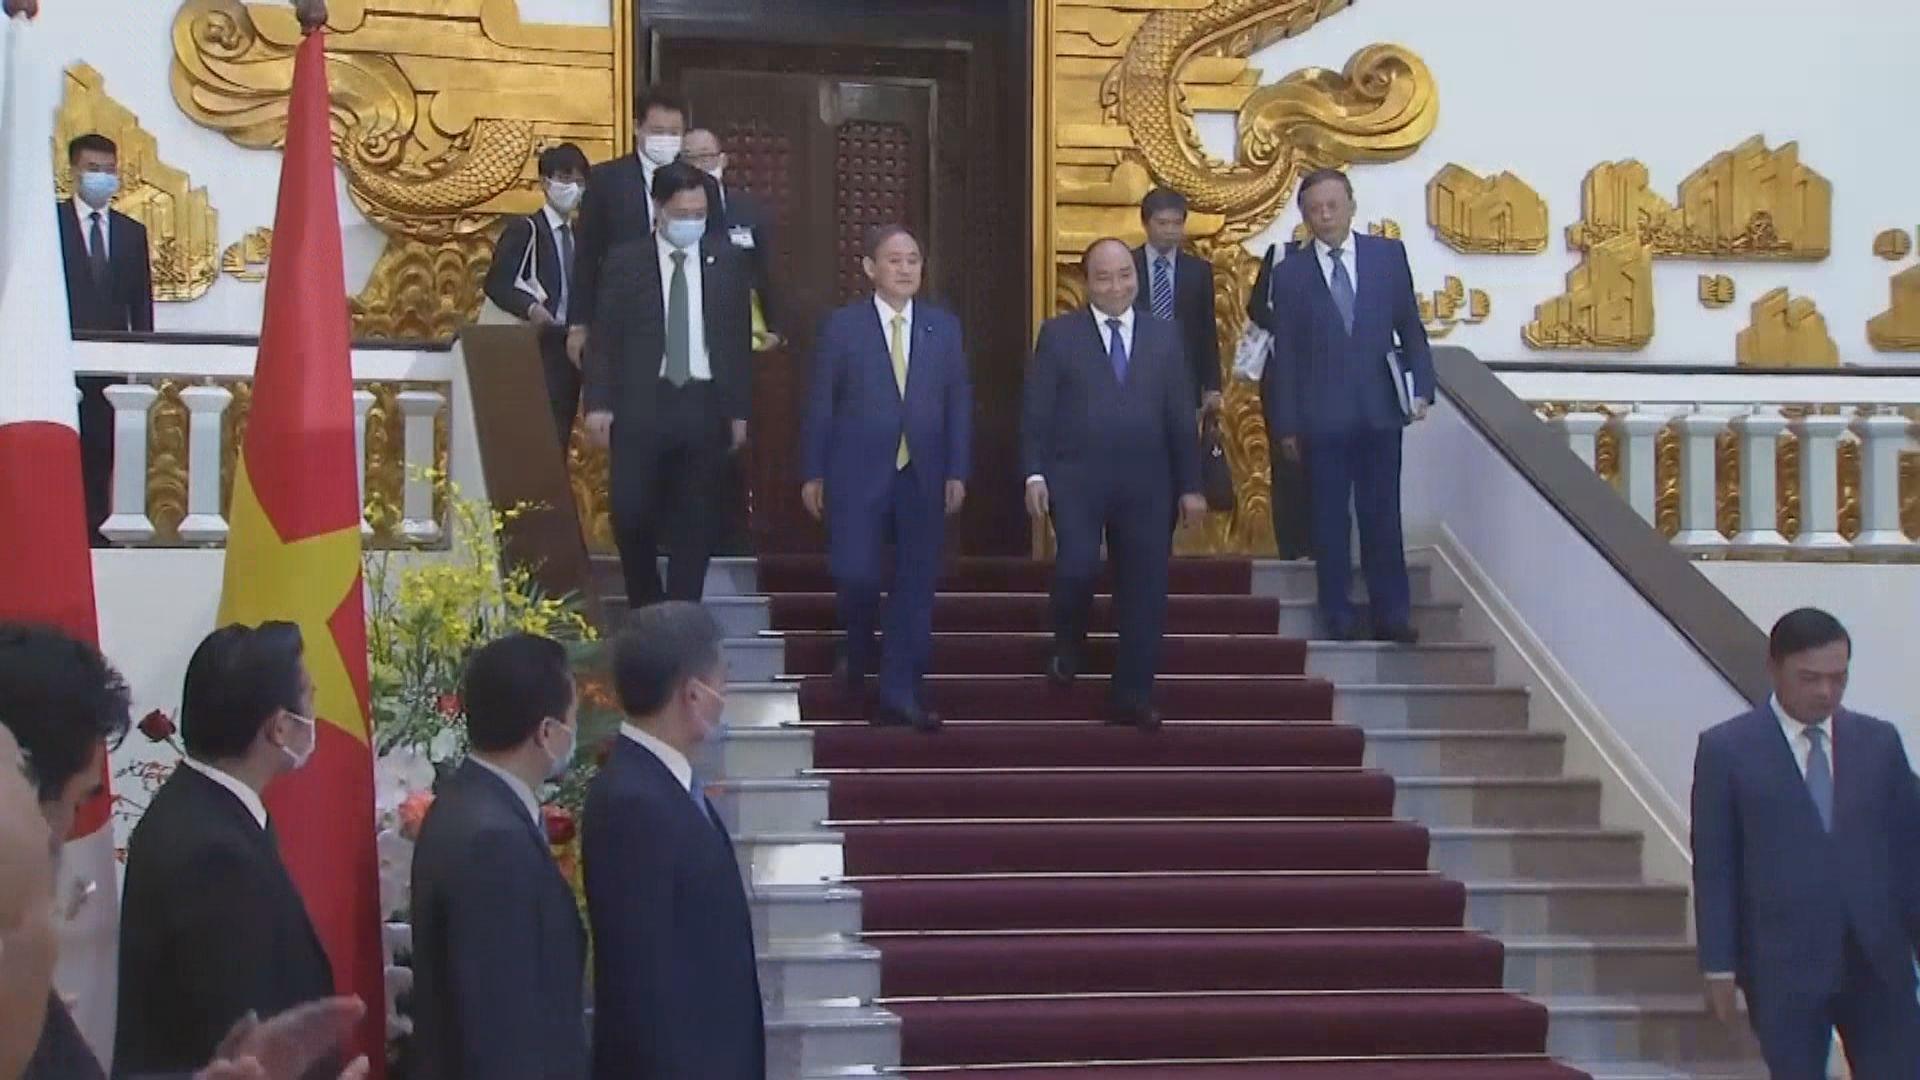 菅義偉晤阮春福 指堅決反對加劇南海緊張局勢行為